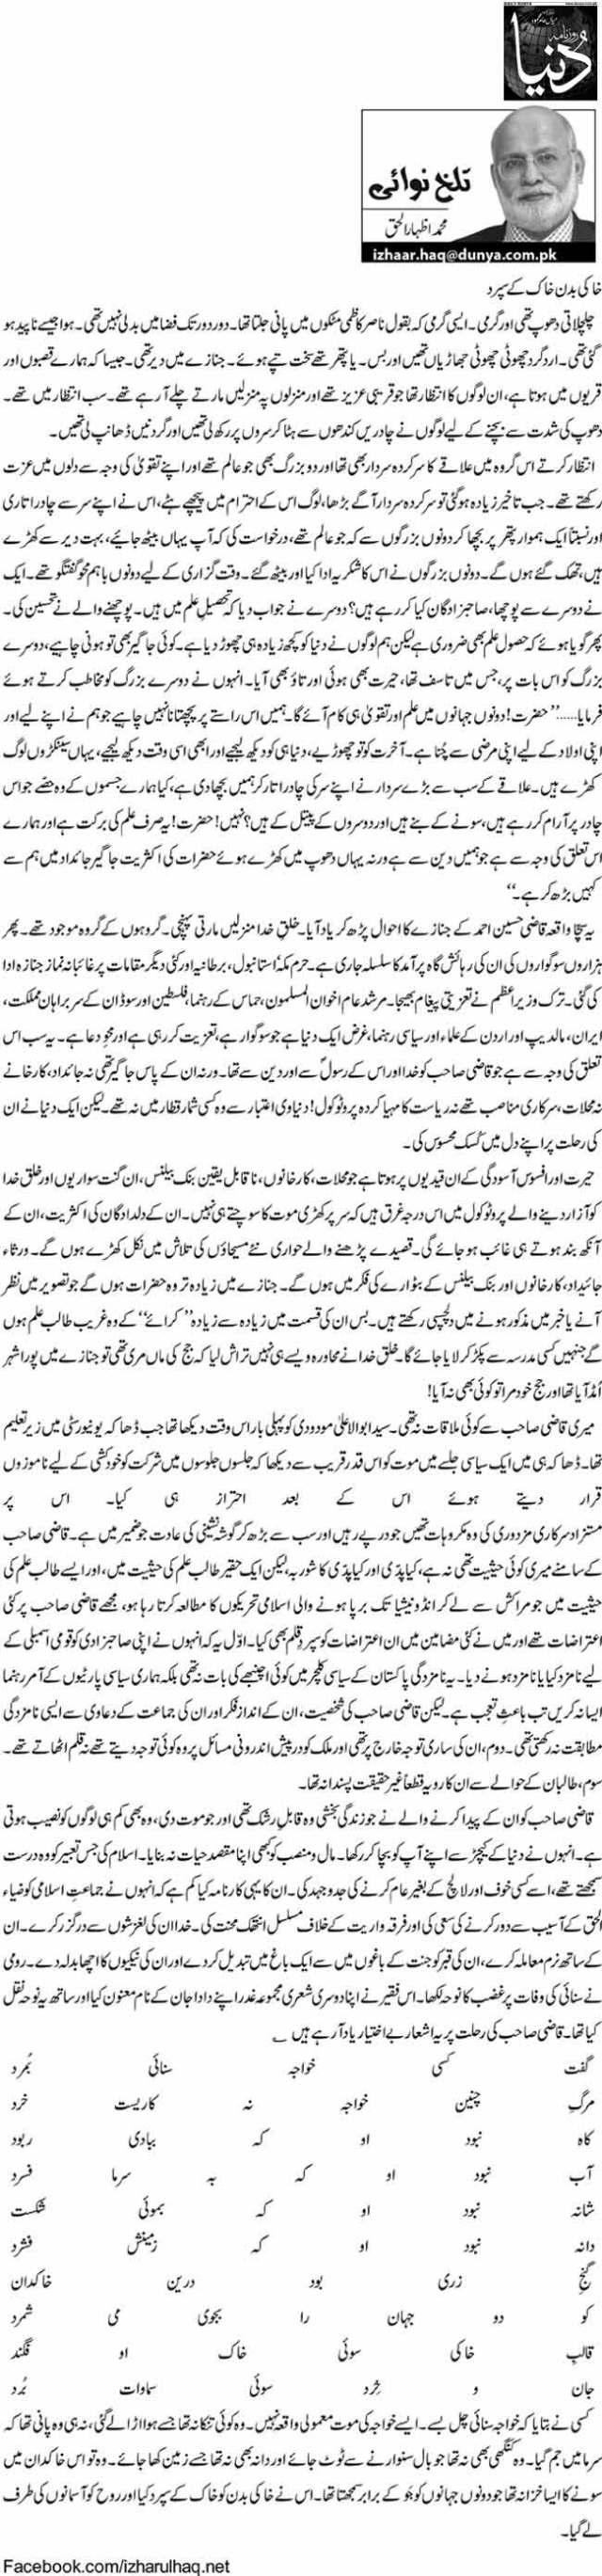 Khaki badan Khak k sapurd - M. Izhar ul Haq